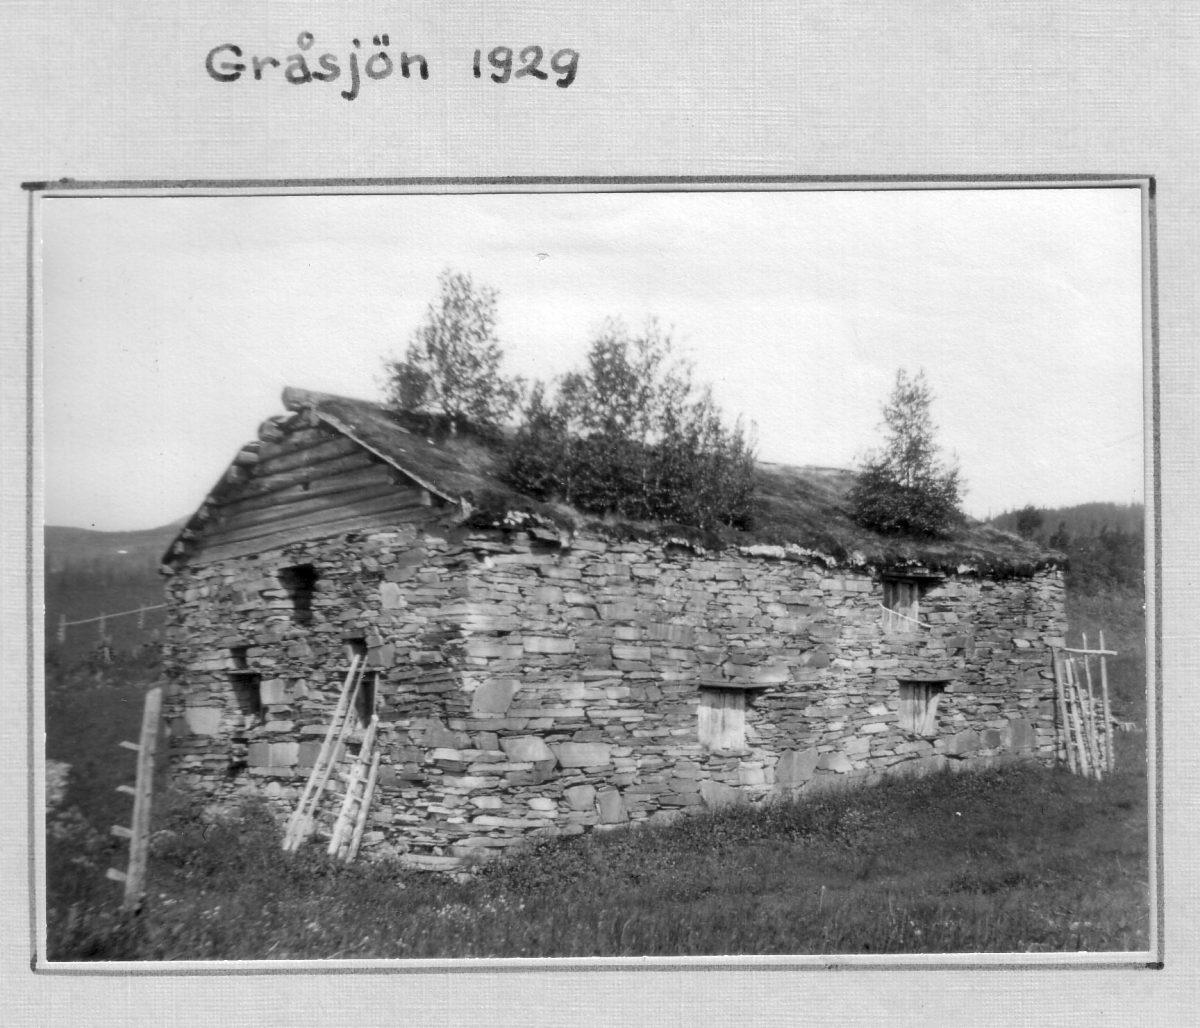 S.65 Gråsjön 1929 Bild 2